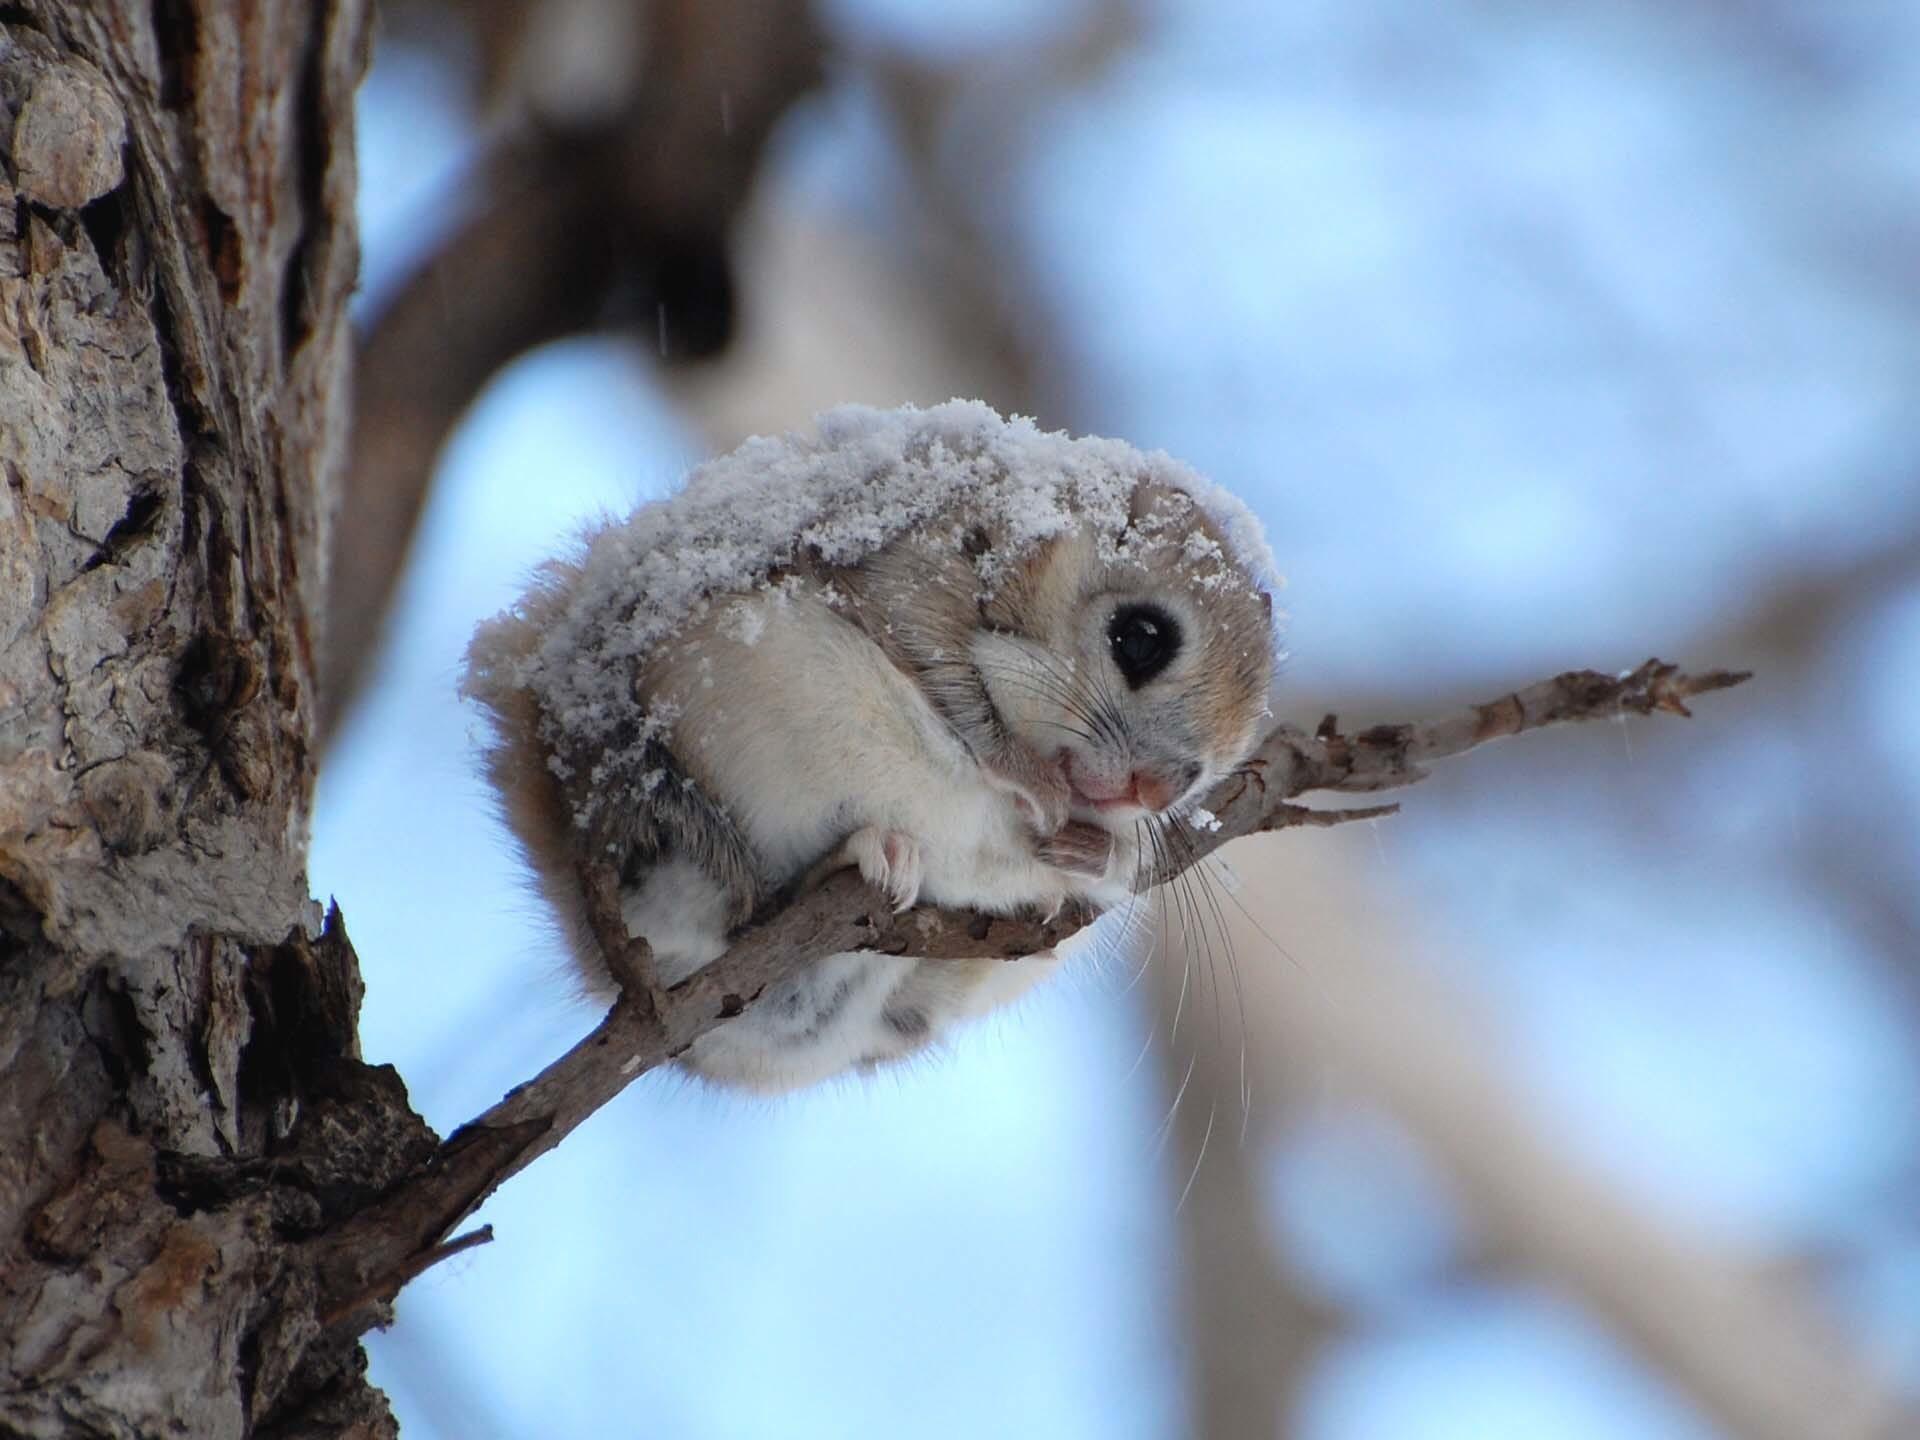 Удивительные снимки животных. Разве это не прекрасно?